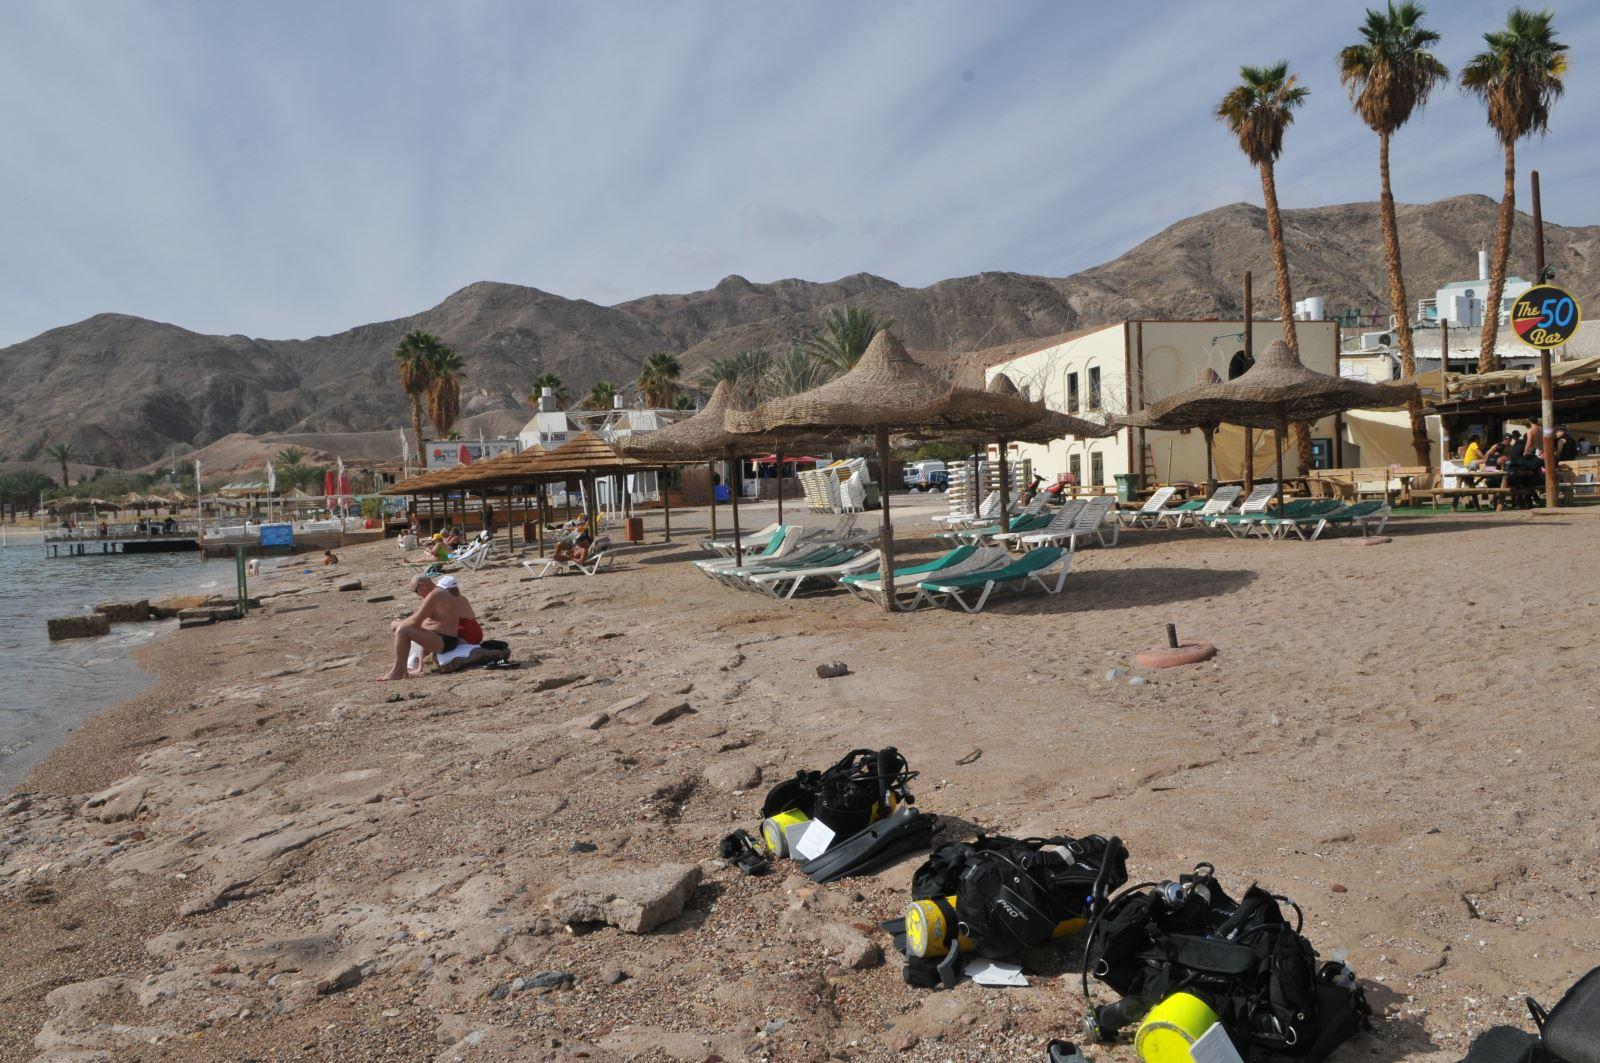 דיווח ראשוני: ירדני חצה בשחיה לאילת - חוף אלמוג נסגר